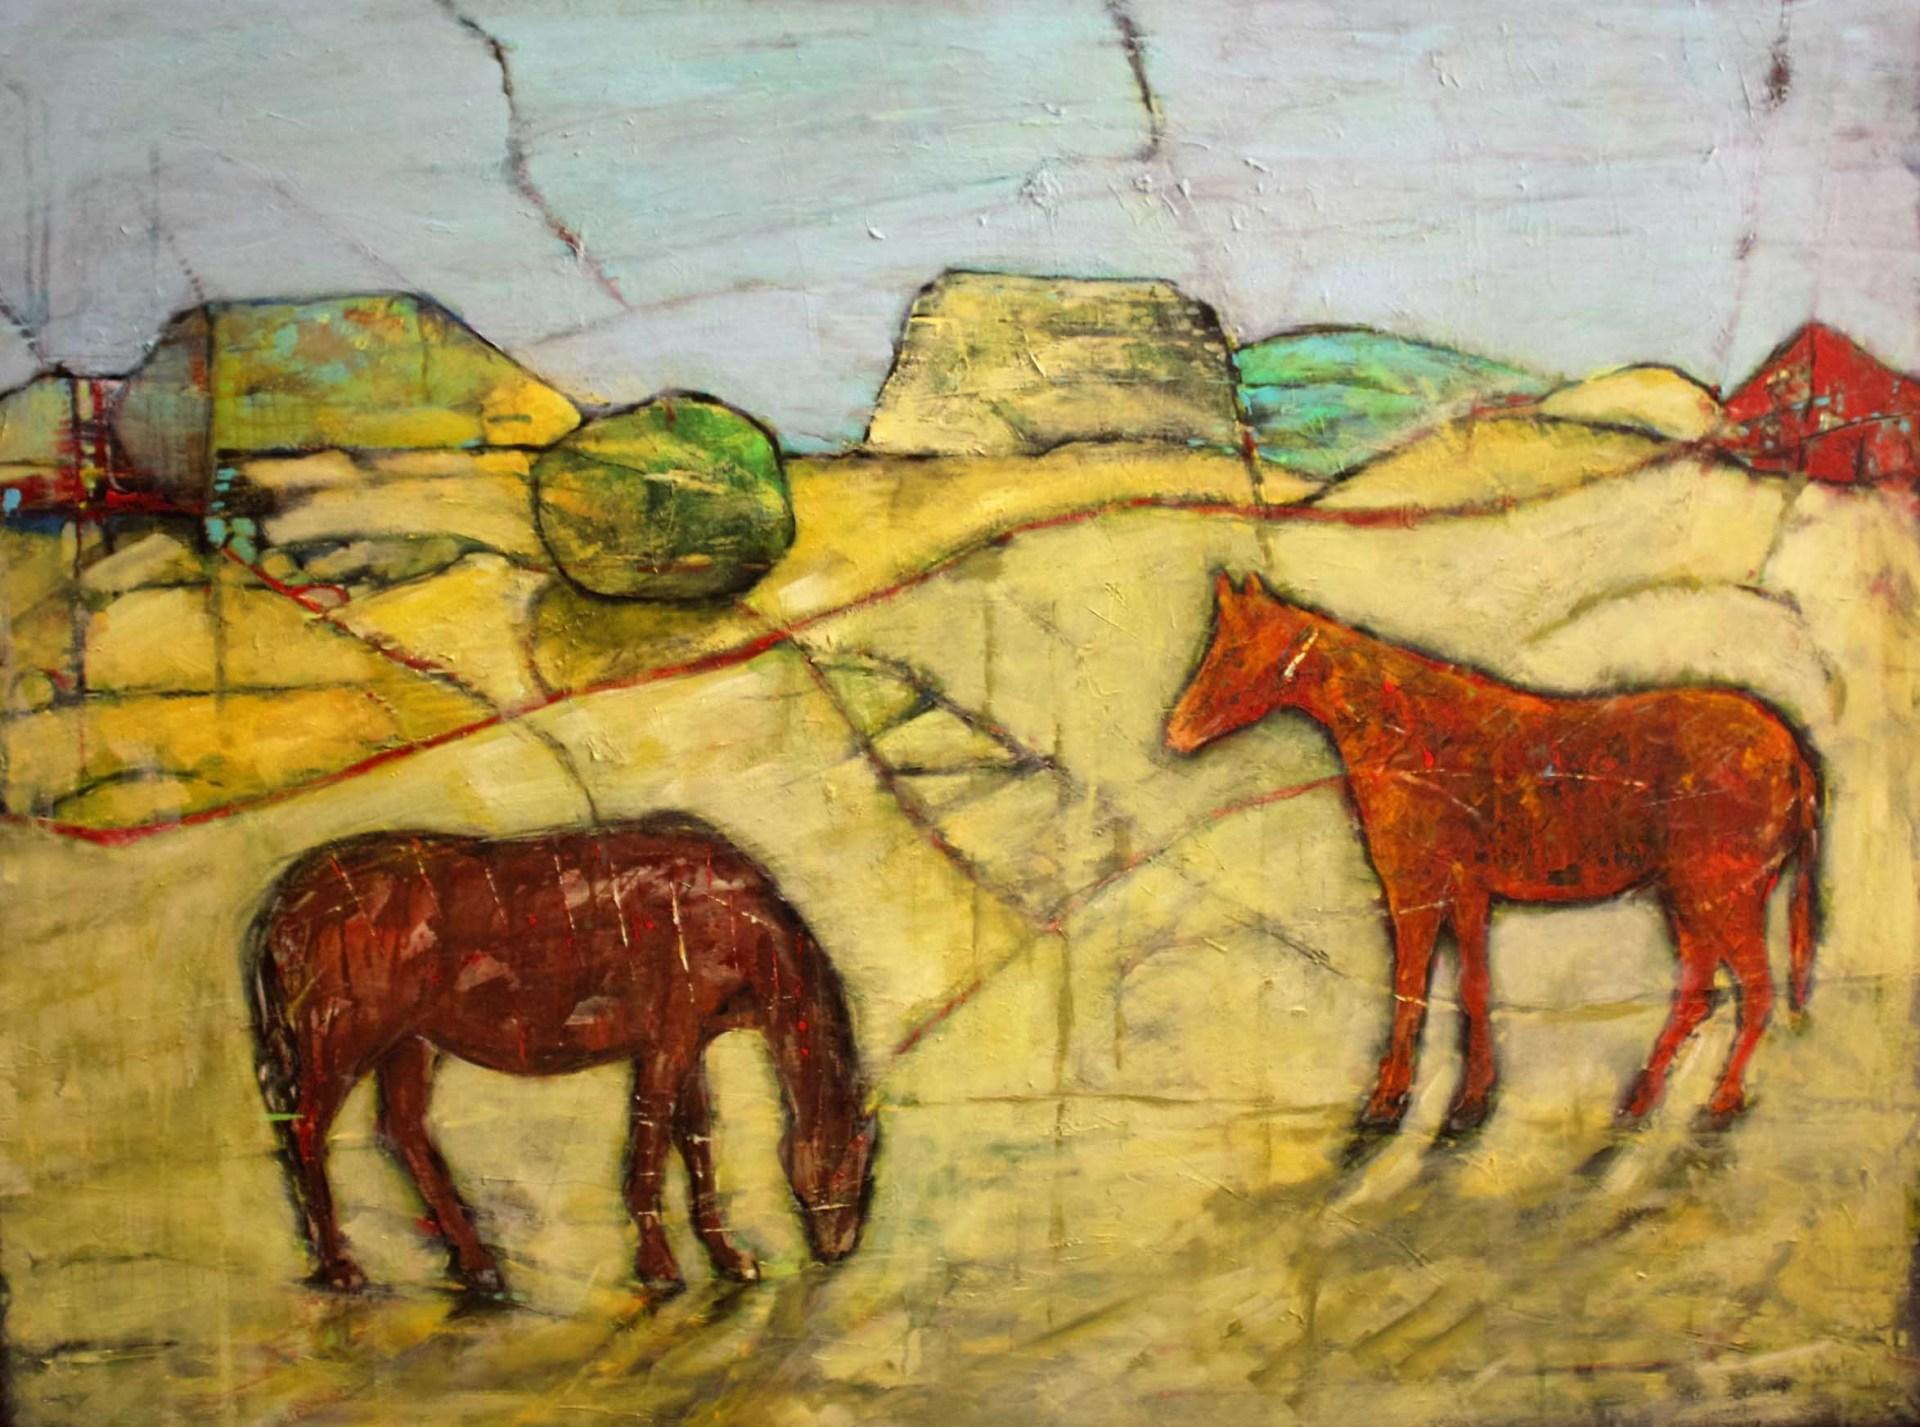 Farm witrh 2 horses